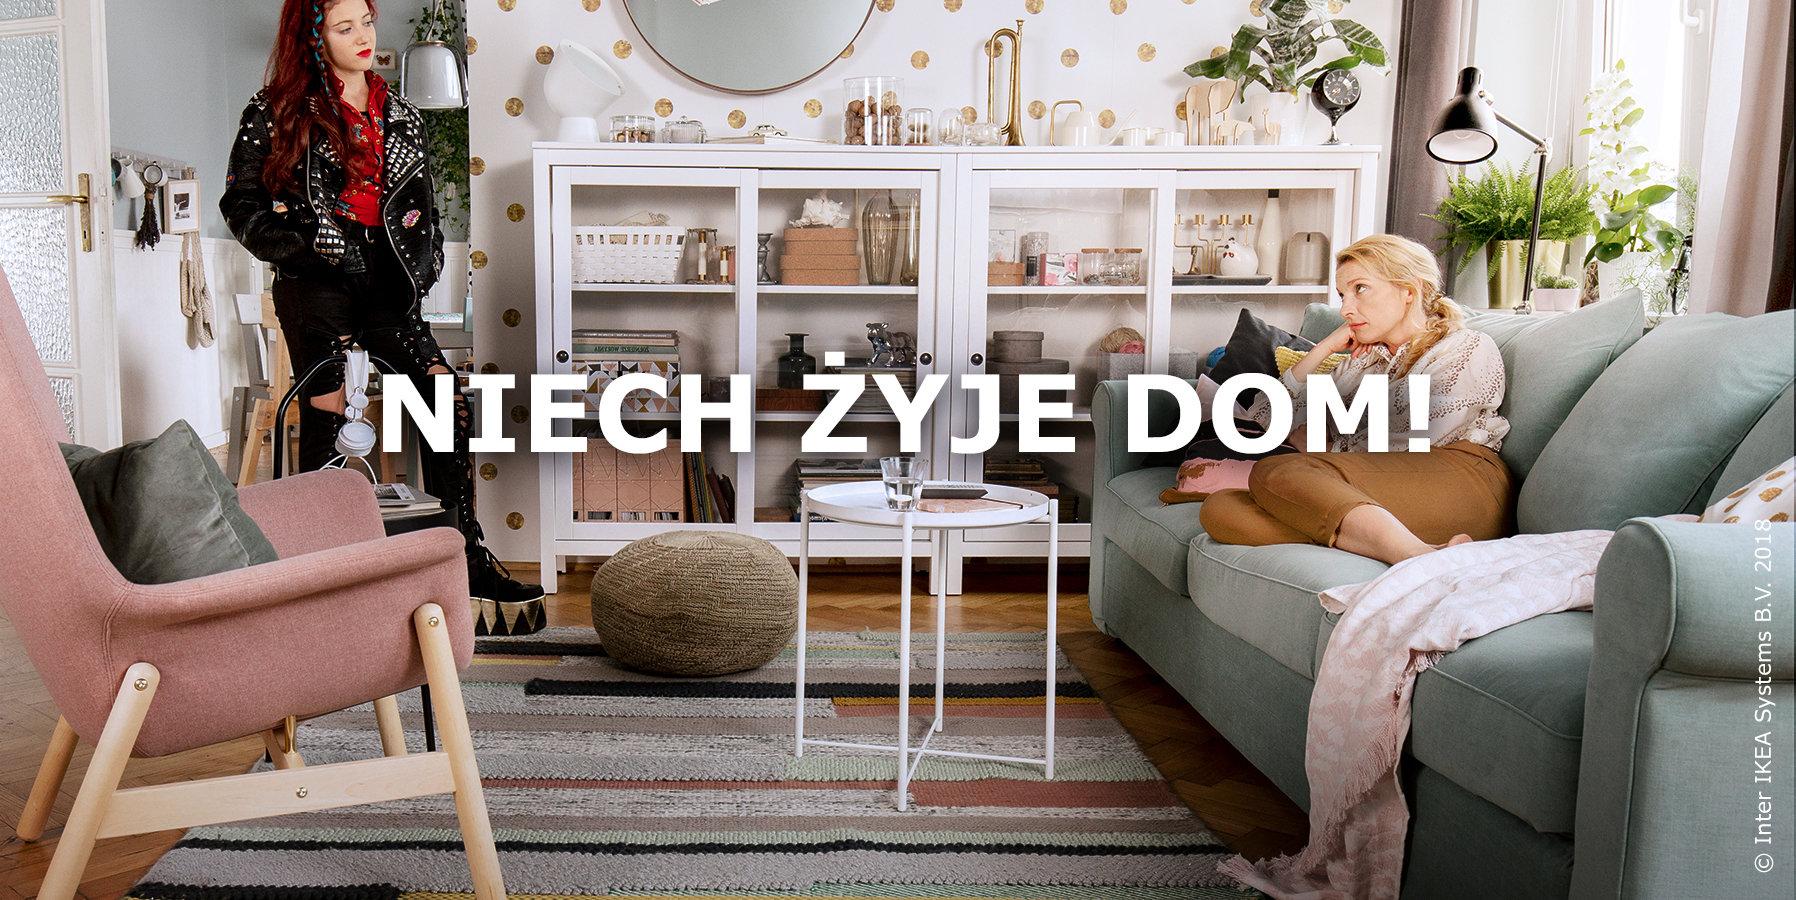 Każdy Dom jest inny, bo inni są jego domownicy. Nowa kampania IKEA mówi o tym, jak ważne są relacje w domu.